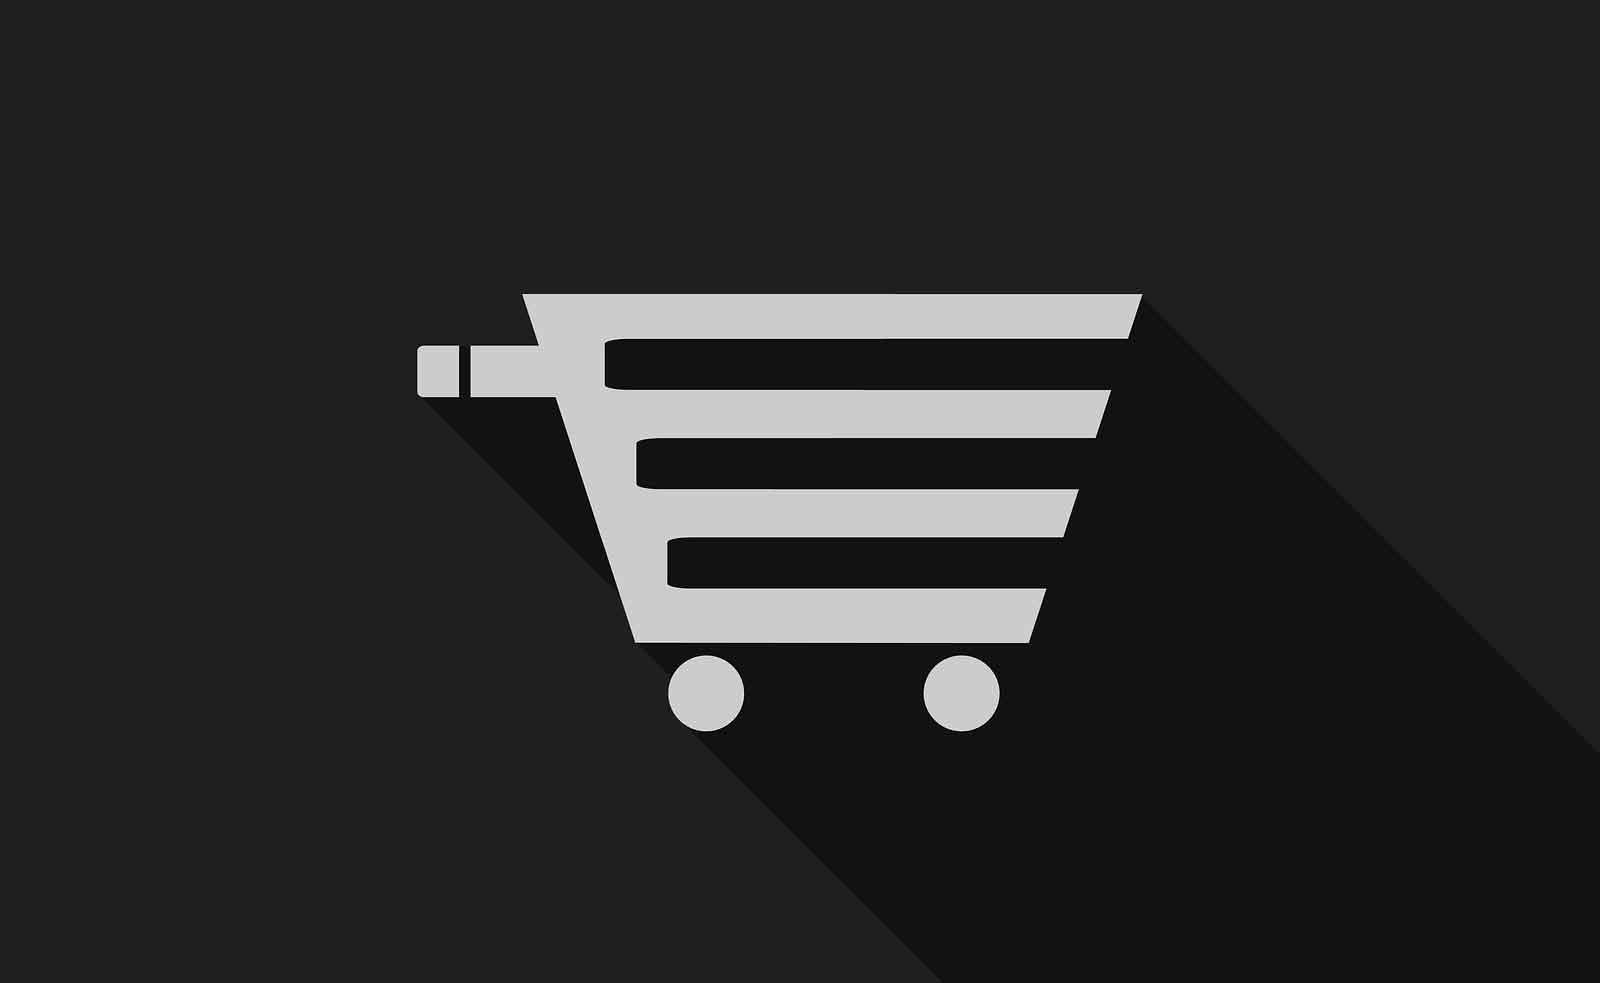 2단계: 온라인 쇼핑몰 제작 – 워드프레스 & 테마